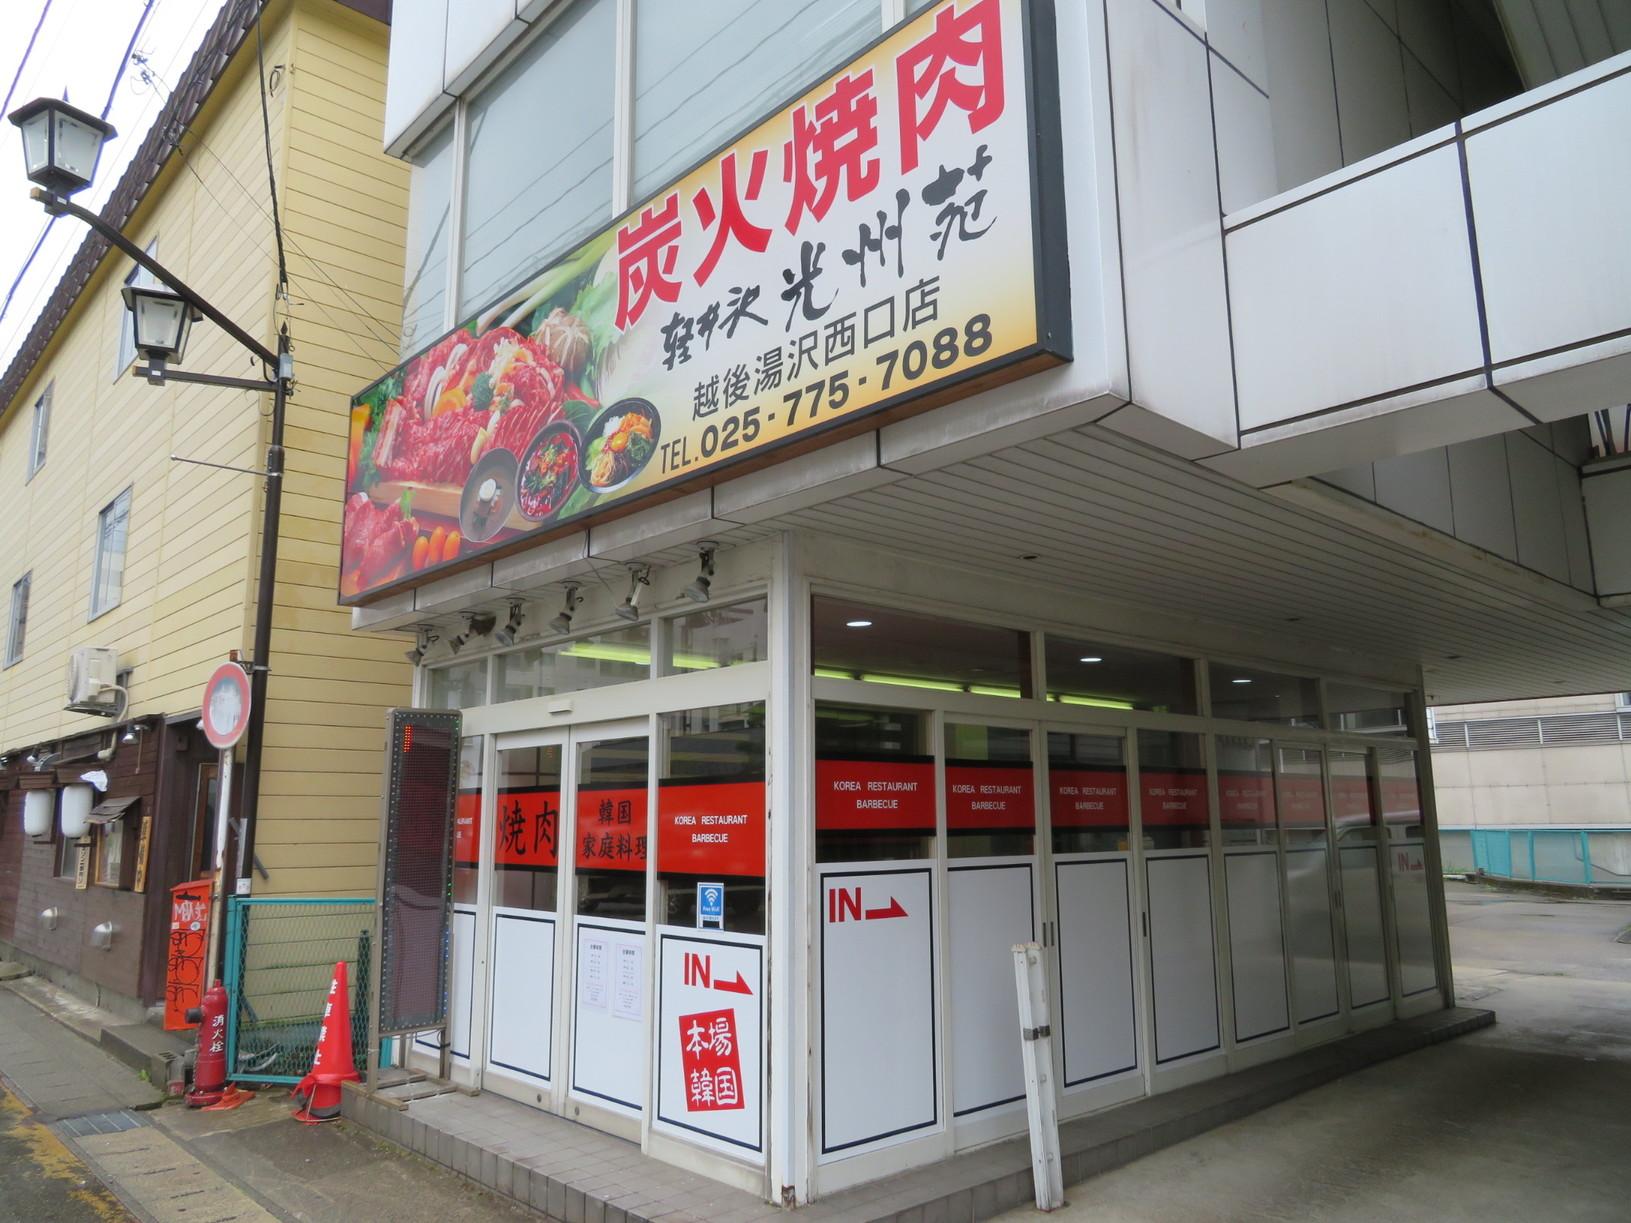 光州苑 越後湯沢西口店